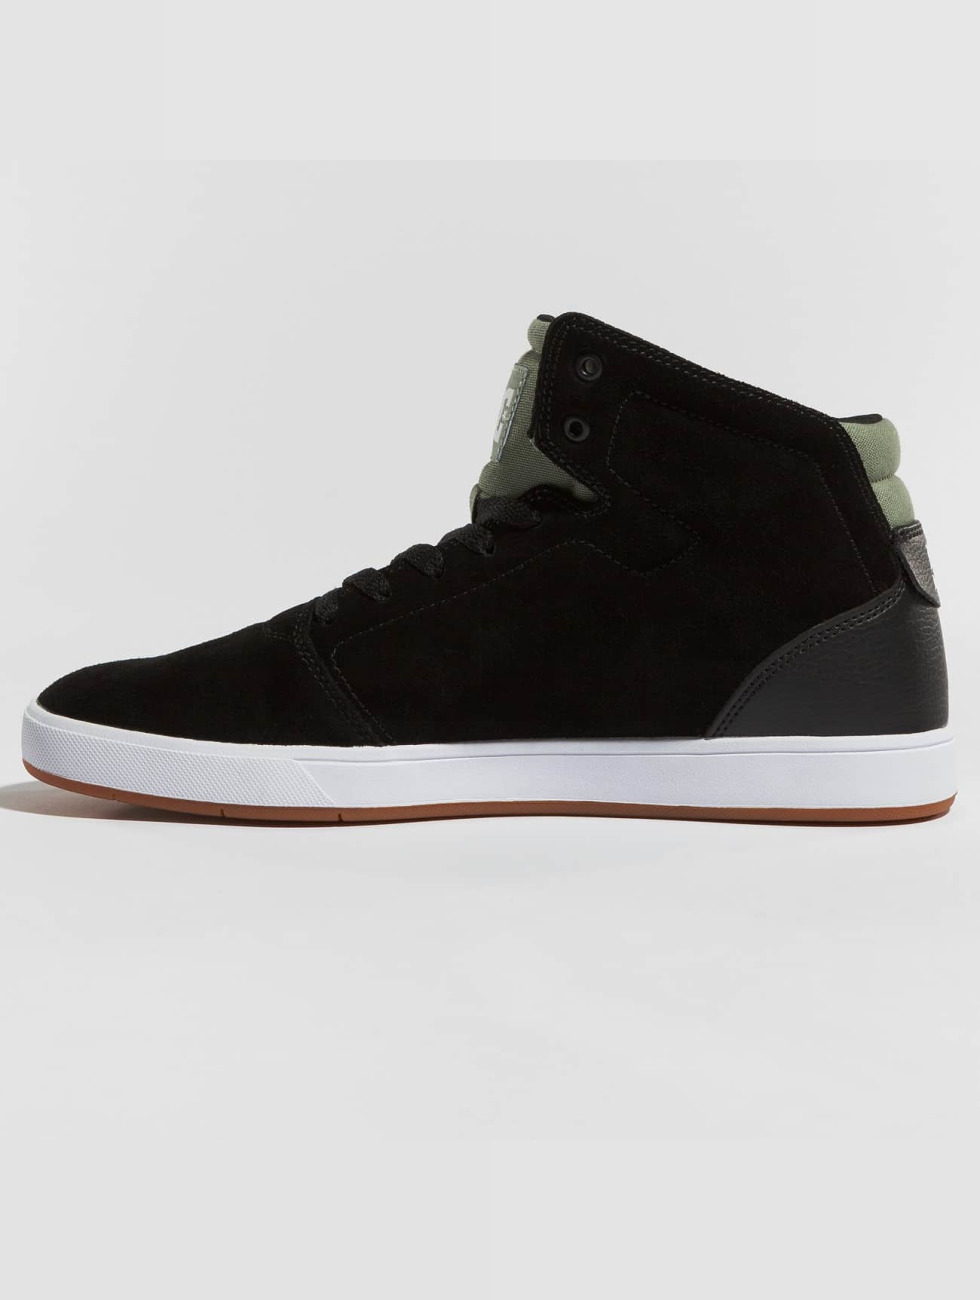 Chaussure Dc / Crise Sneaker En Noir 421070 Choix Pas Cher Jeu Nouveau 2018 Livraison Gratuite Nouveau OHcsP2